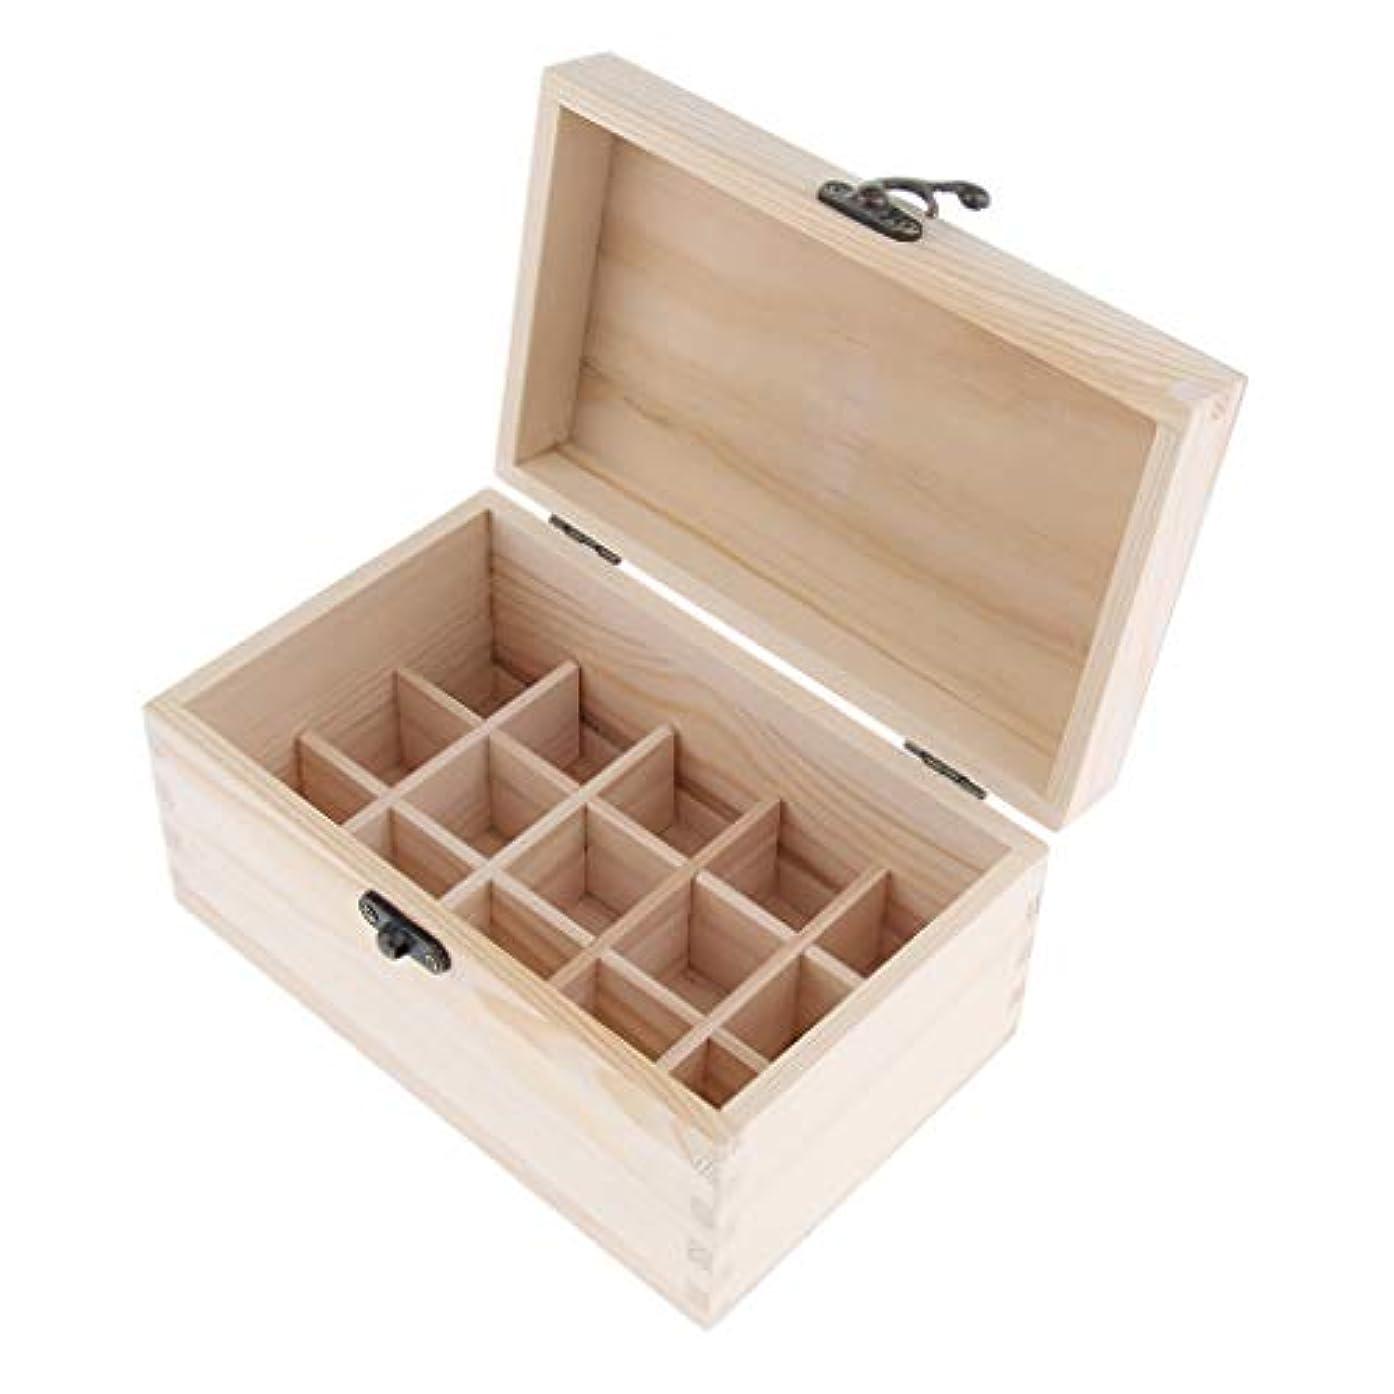 謝るレタッチ品種Baoblaze ナチュラルウッド エッセンシャルオイルボックス 精油ケース 仕切板移動可能 15本用